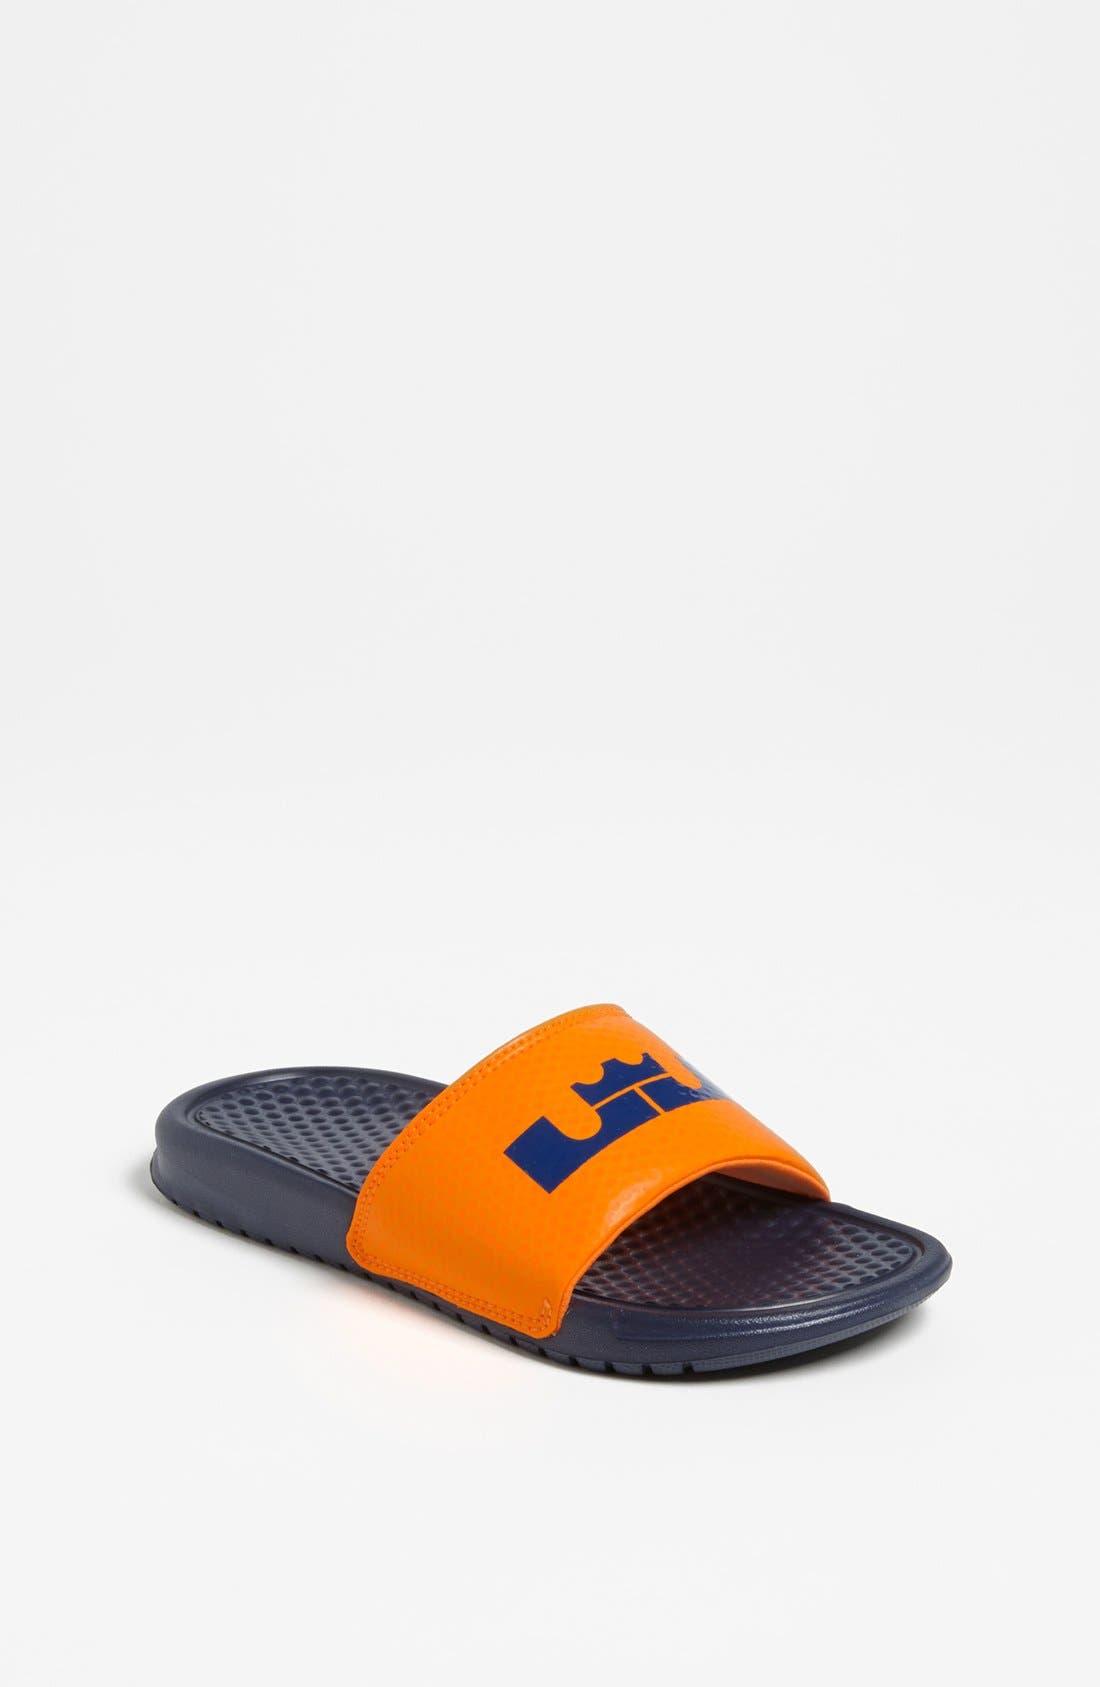 Main Image - Nike 'Lebron James - Benassi' Sandal (Toddler, Little Kid & Big Kid)